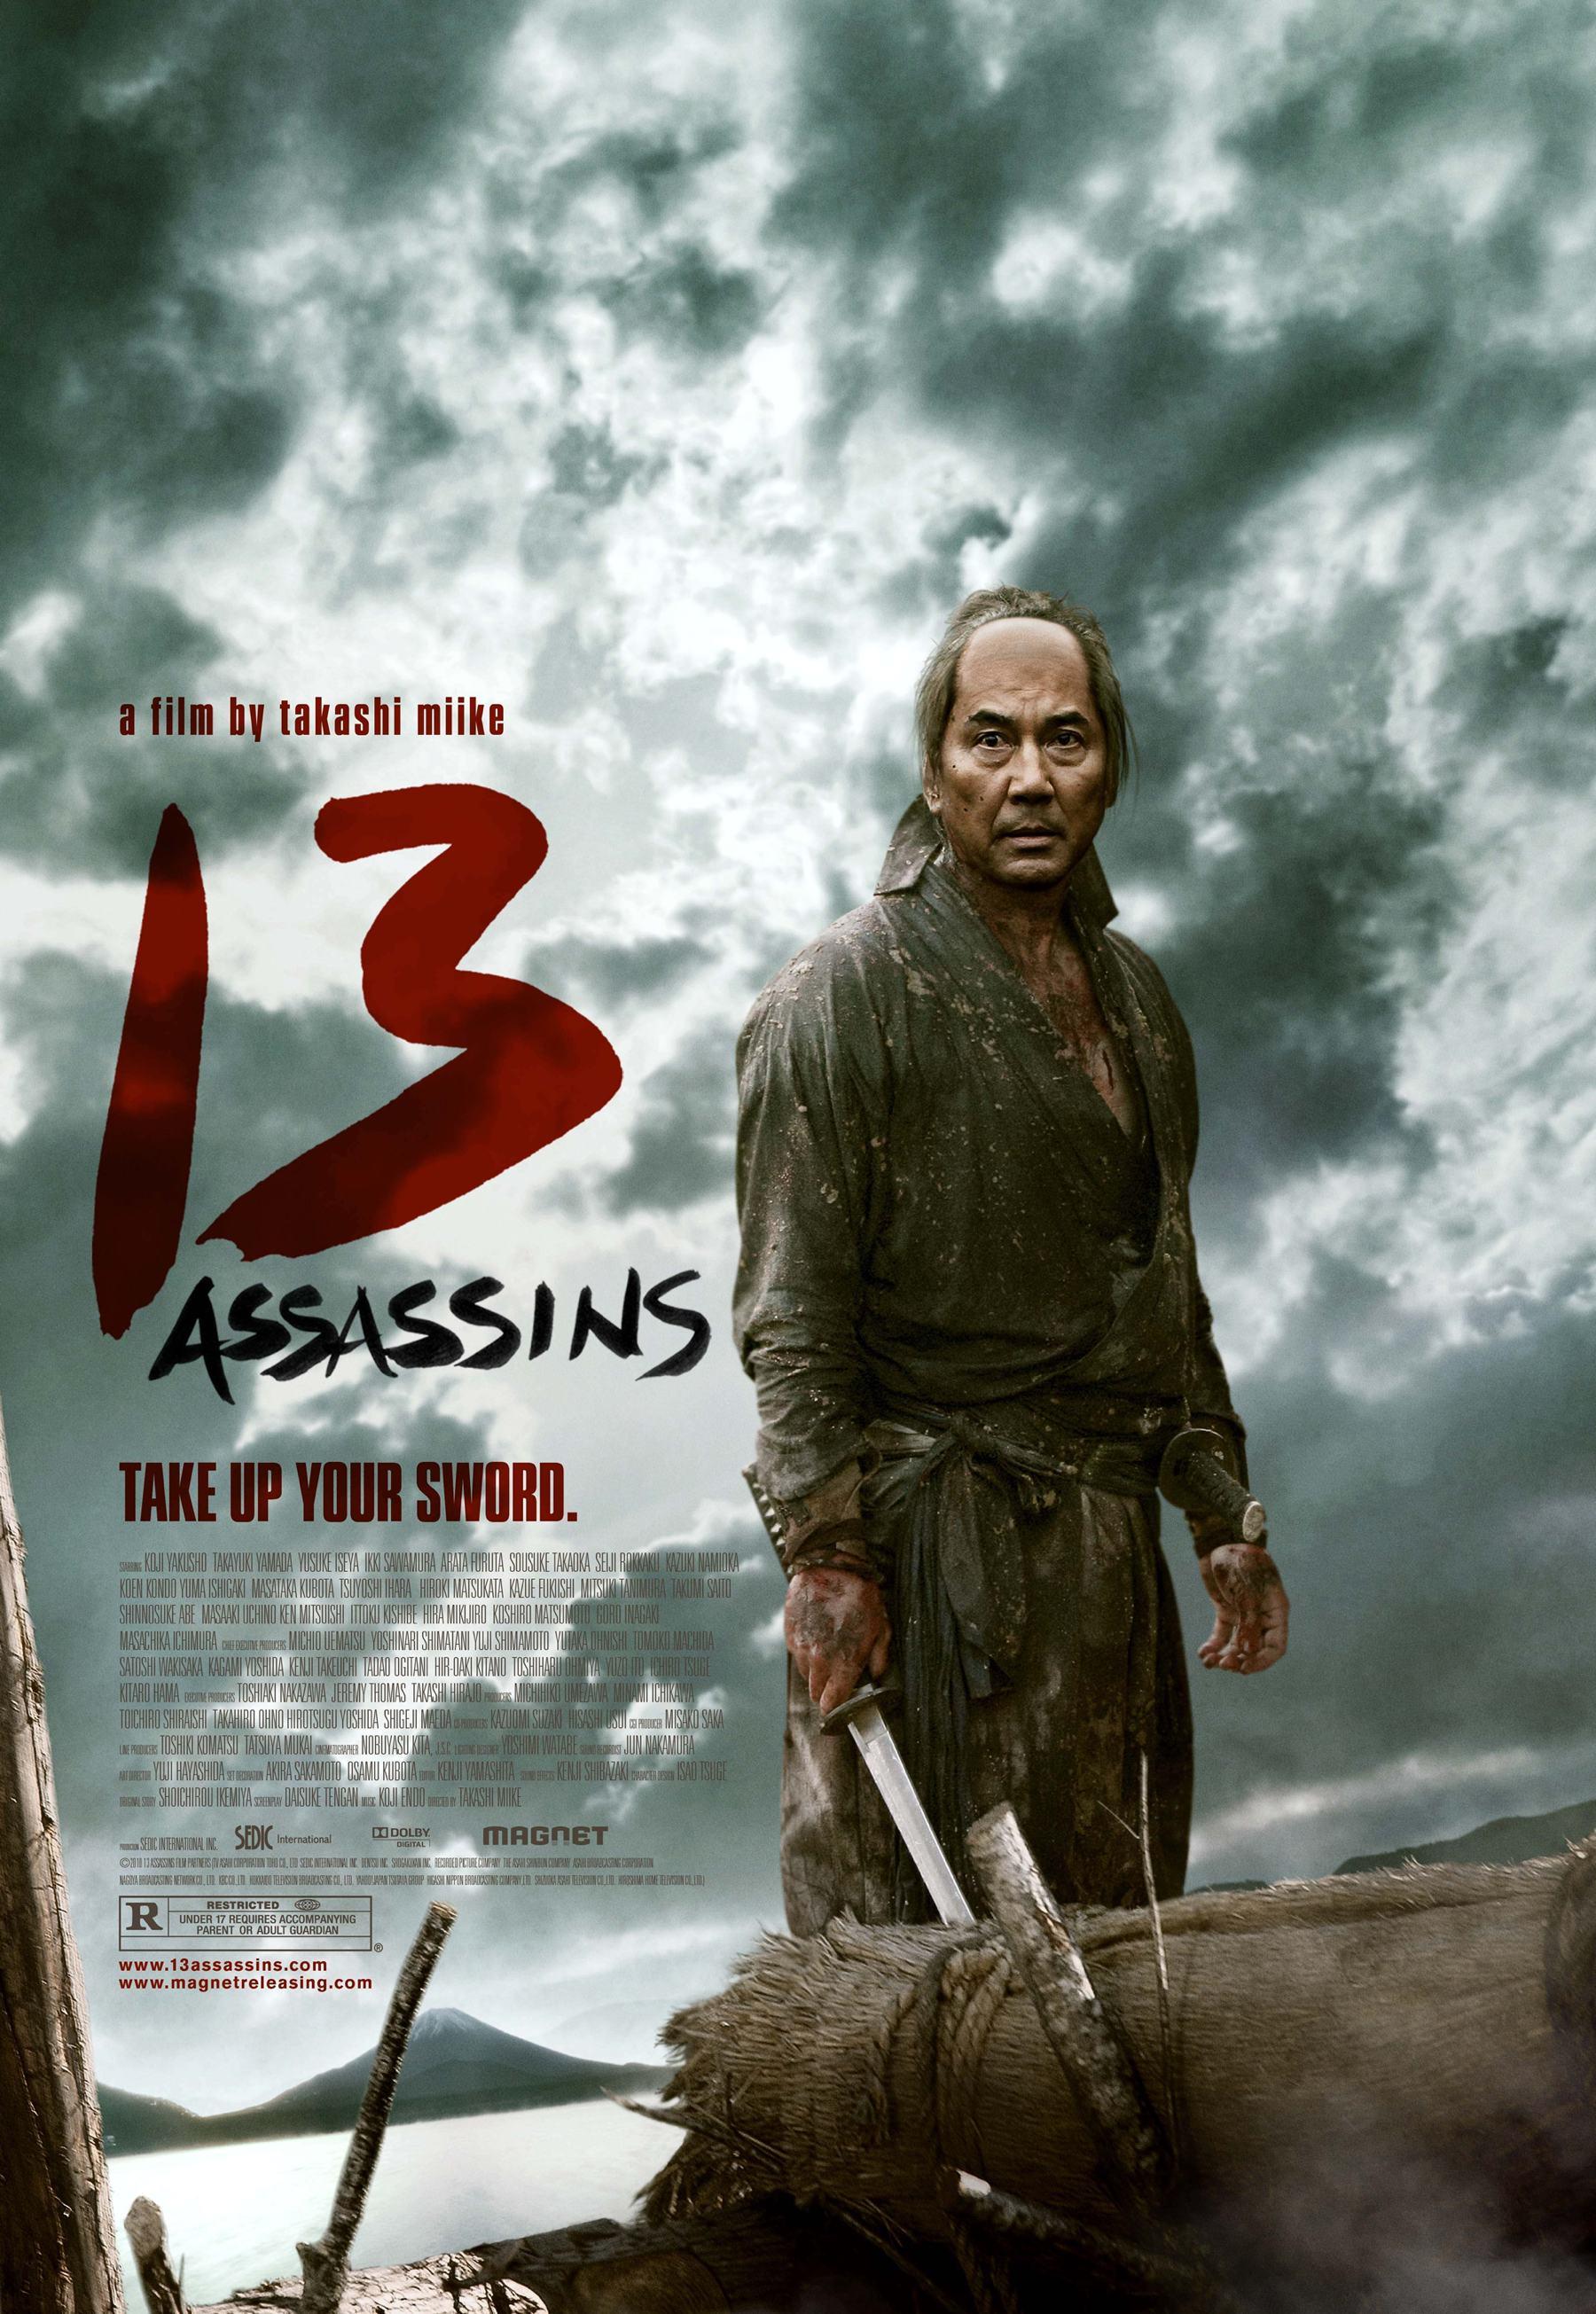 13_assassins_poster_low.jpg